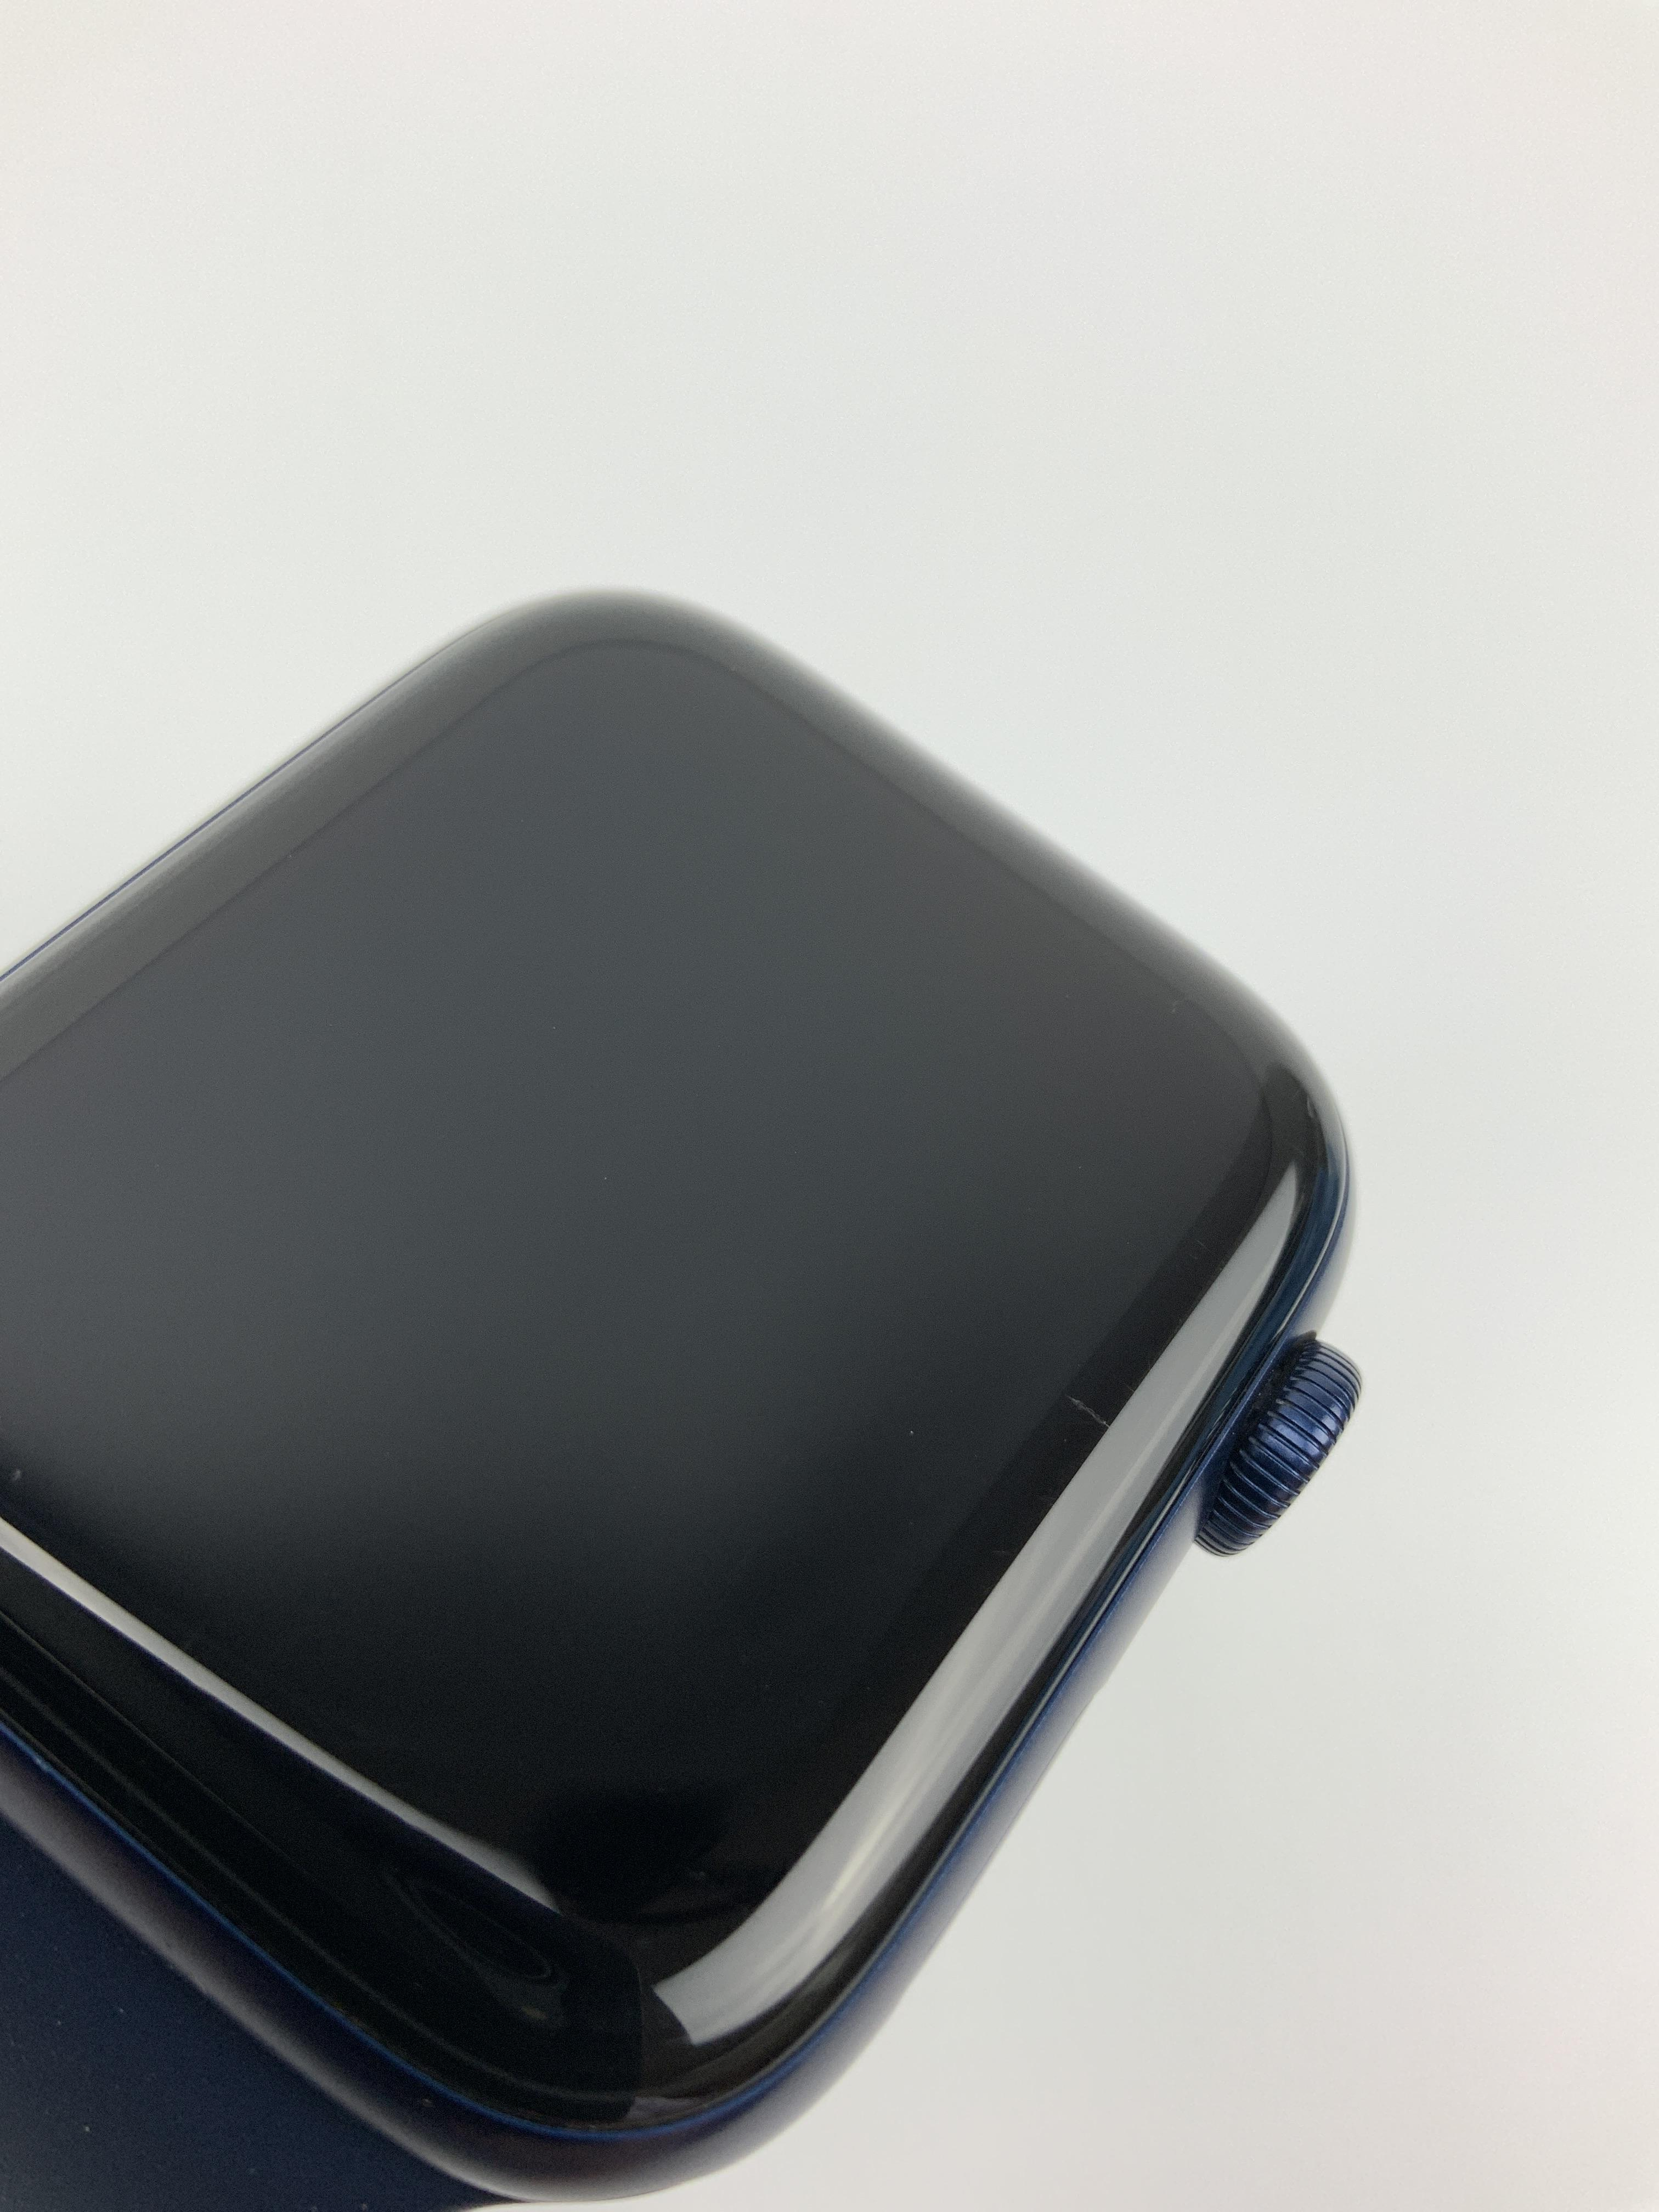 Watch Series 6 Aluminum Cellular (44mm), Blue, bild 3